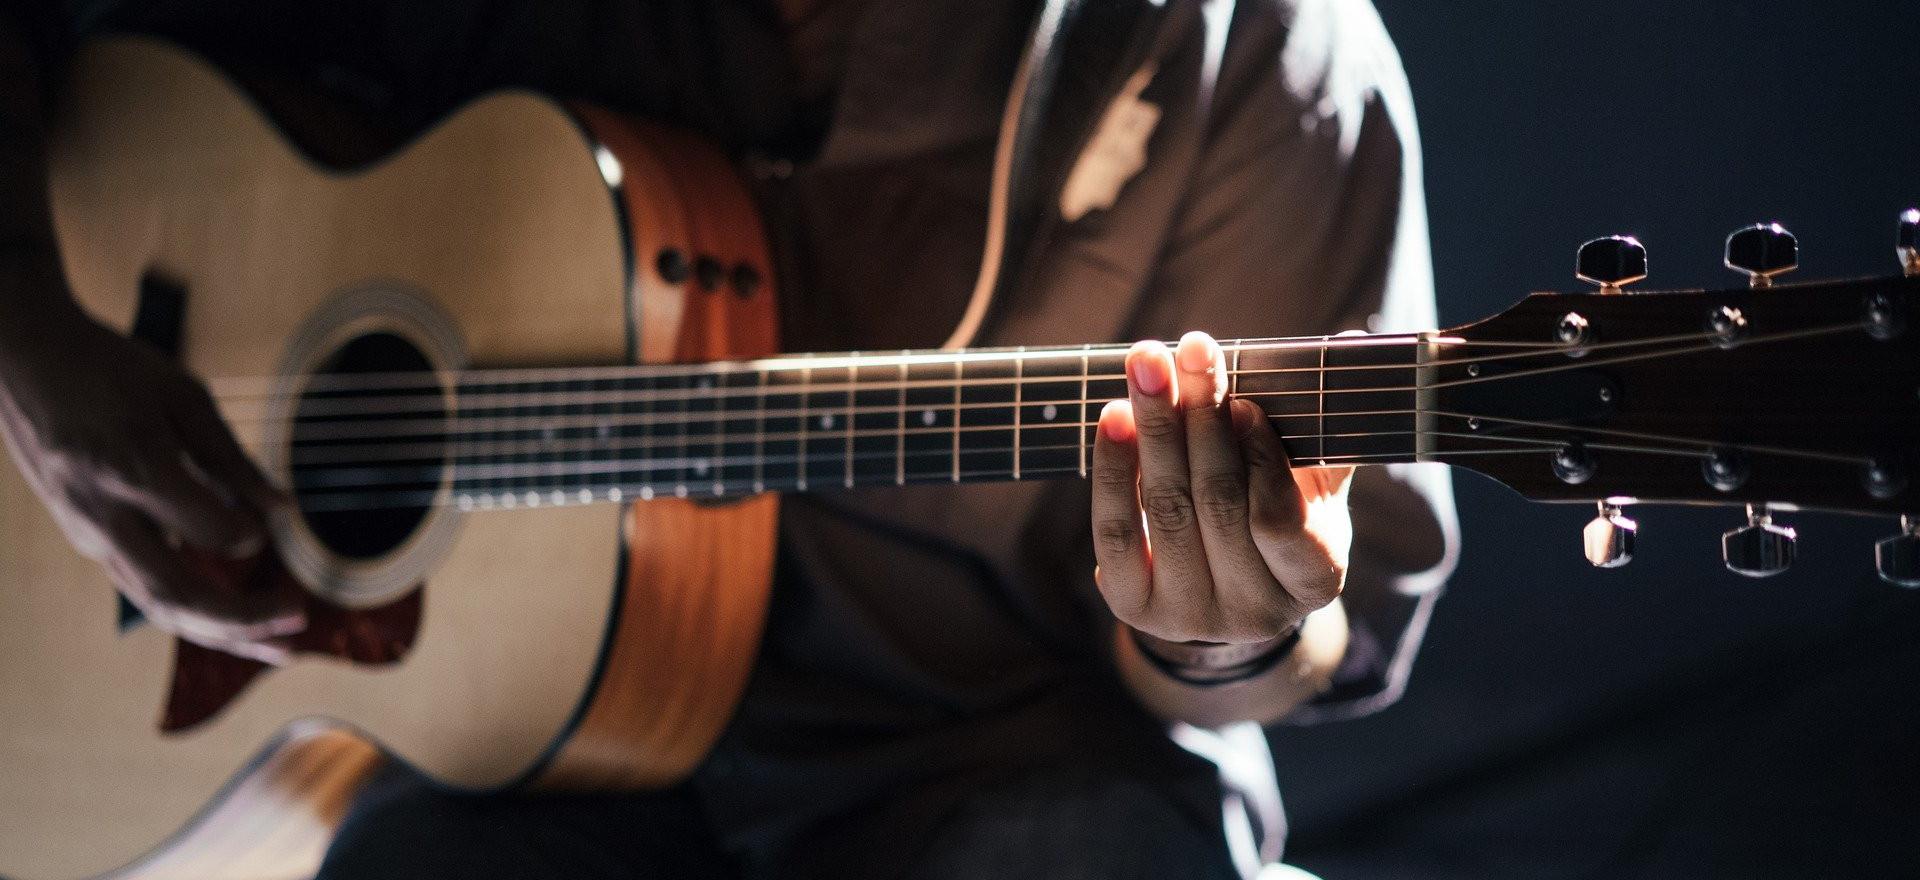 acoustic-1851248_1920.jpg